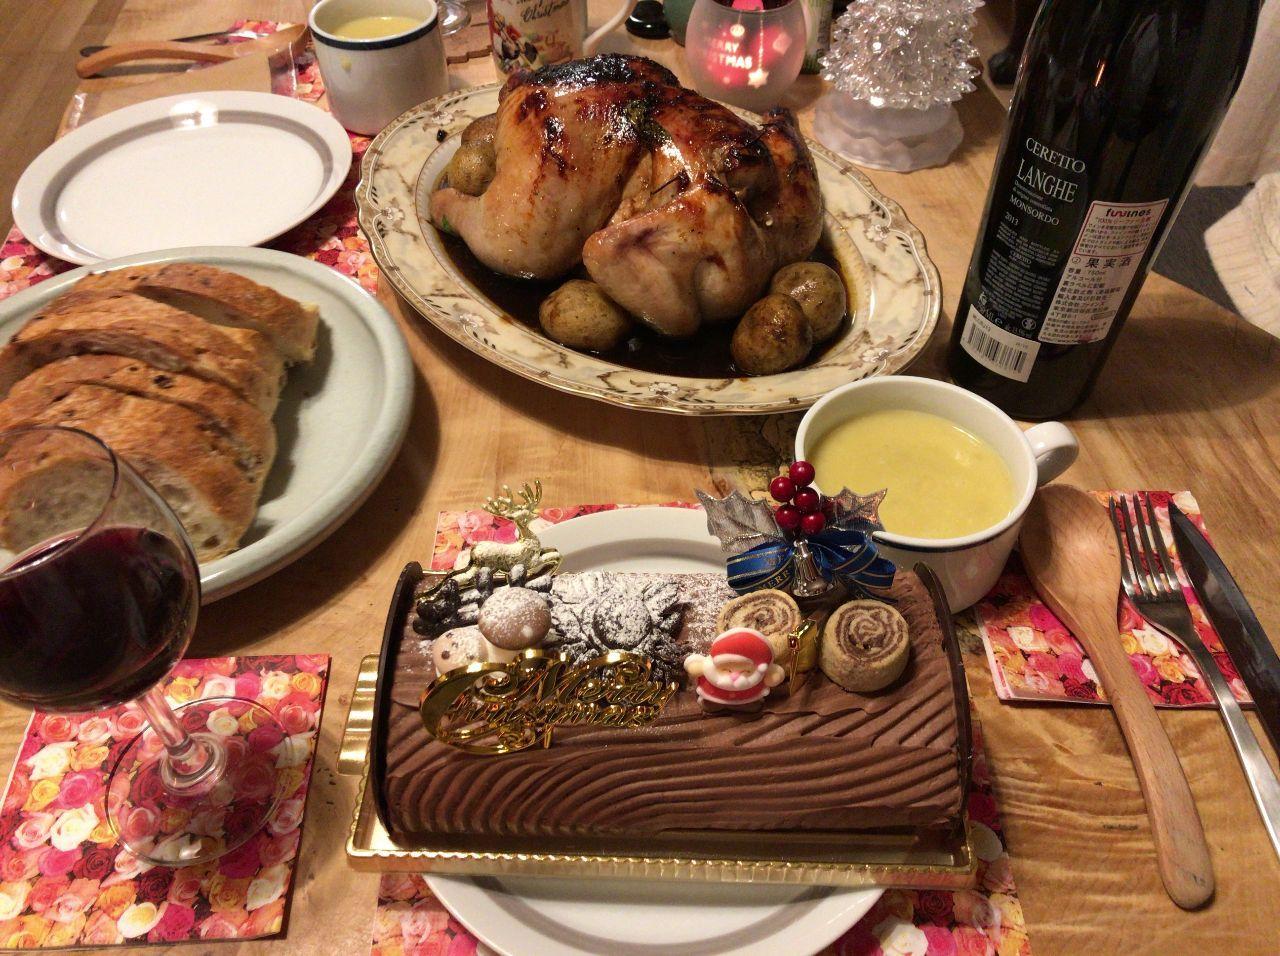 7270 - (株)SUBARU 某富裕層投資家の粋な夜飯(クリスマス)